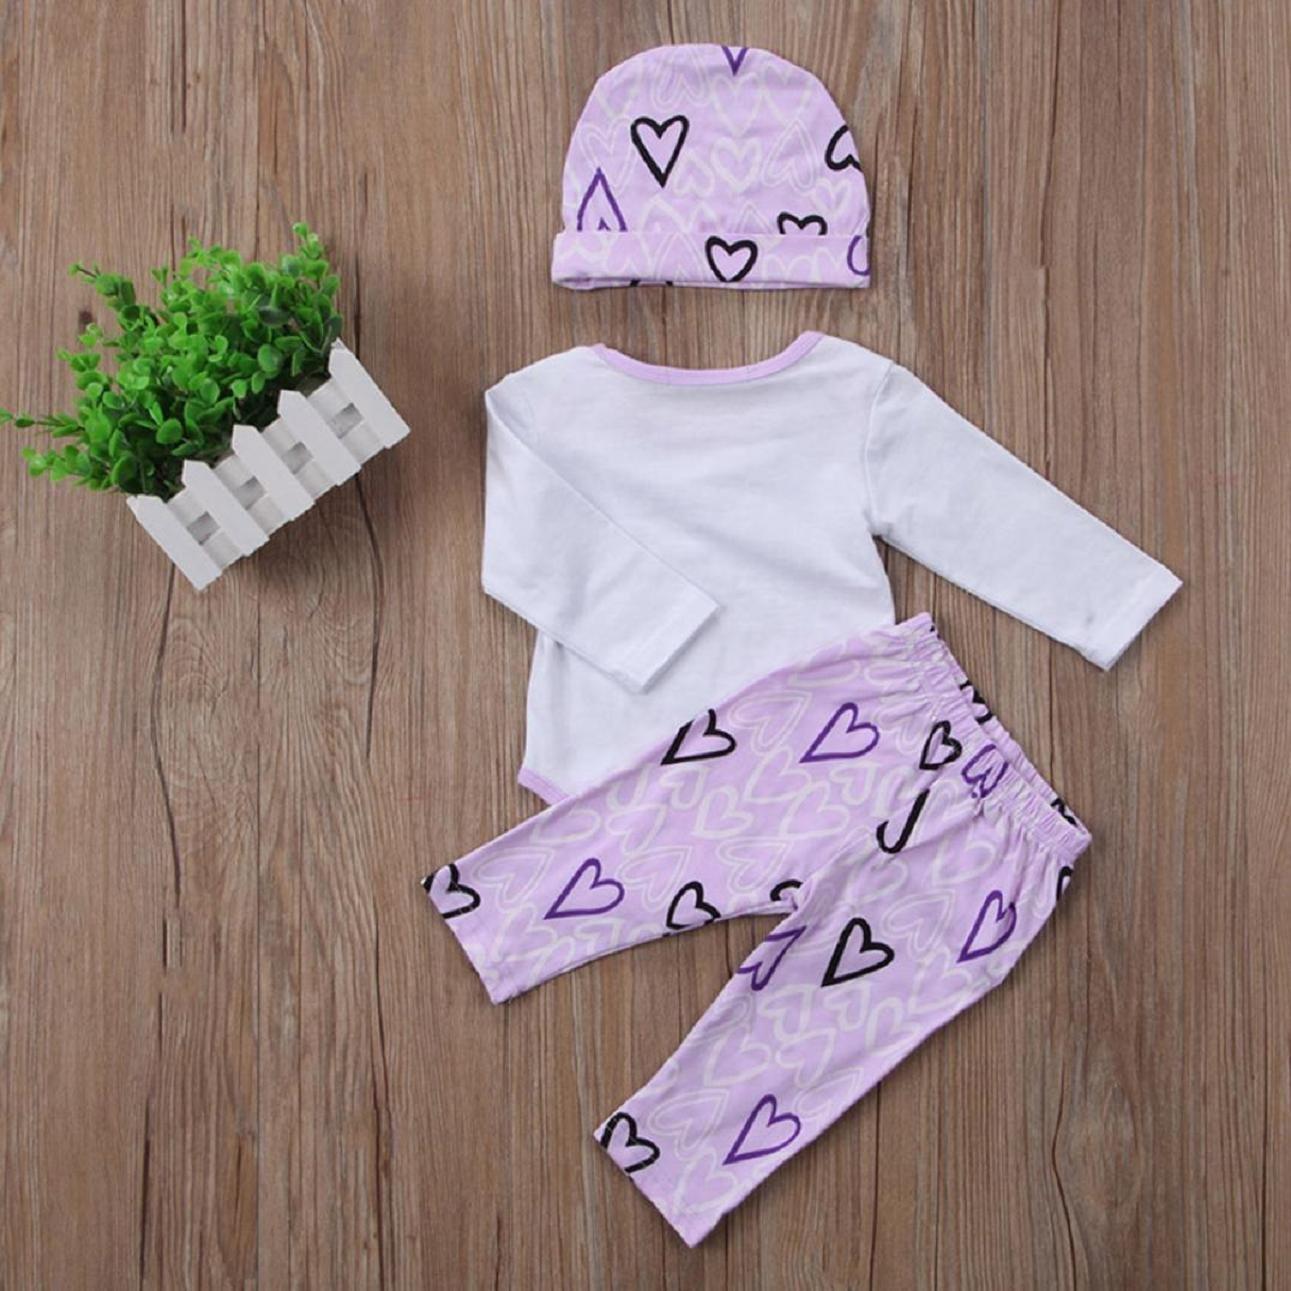 Juego de ropa de bebé, ppbuy bebé Pelele de carta impreso + corazón Patten pantalones sombrero 3pcs ropa Set: Amazon.es: Oficina y papelería